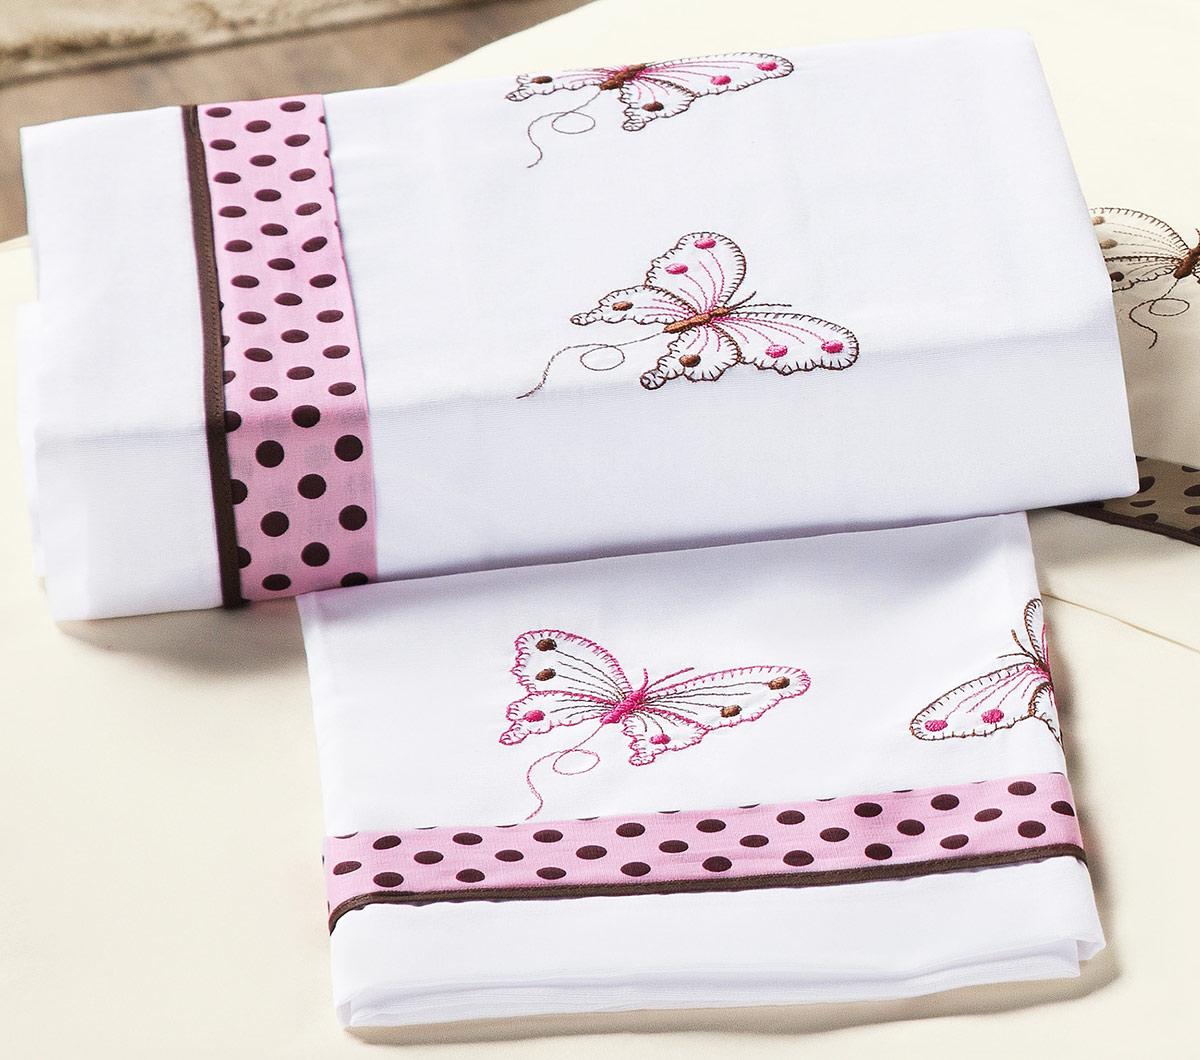 Jogo de cama len ol queen naturelle branco bordado for Tipos de camas queen